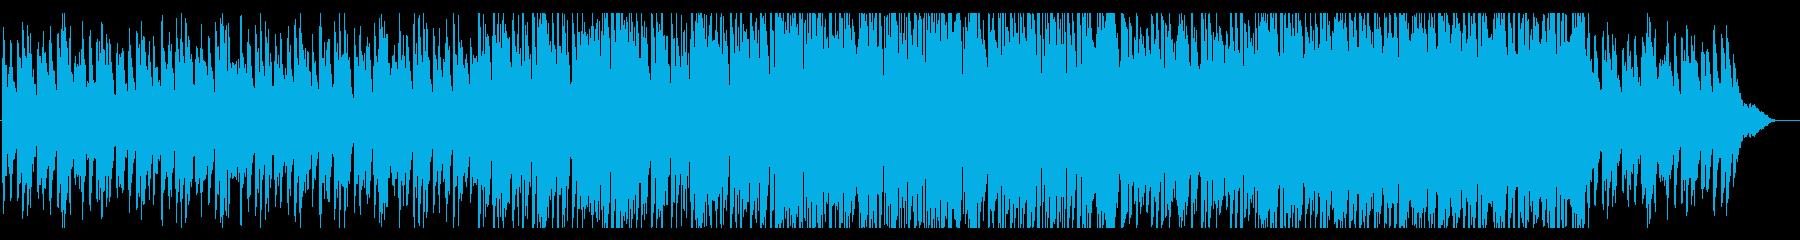 センチメンタルなピアノのBGMの再生済みの波形